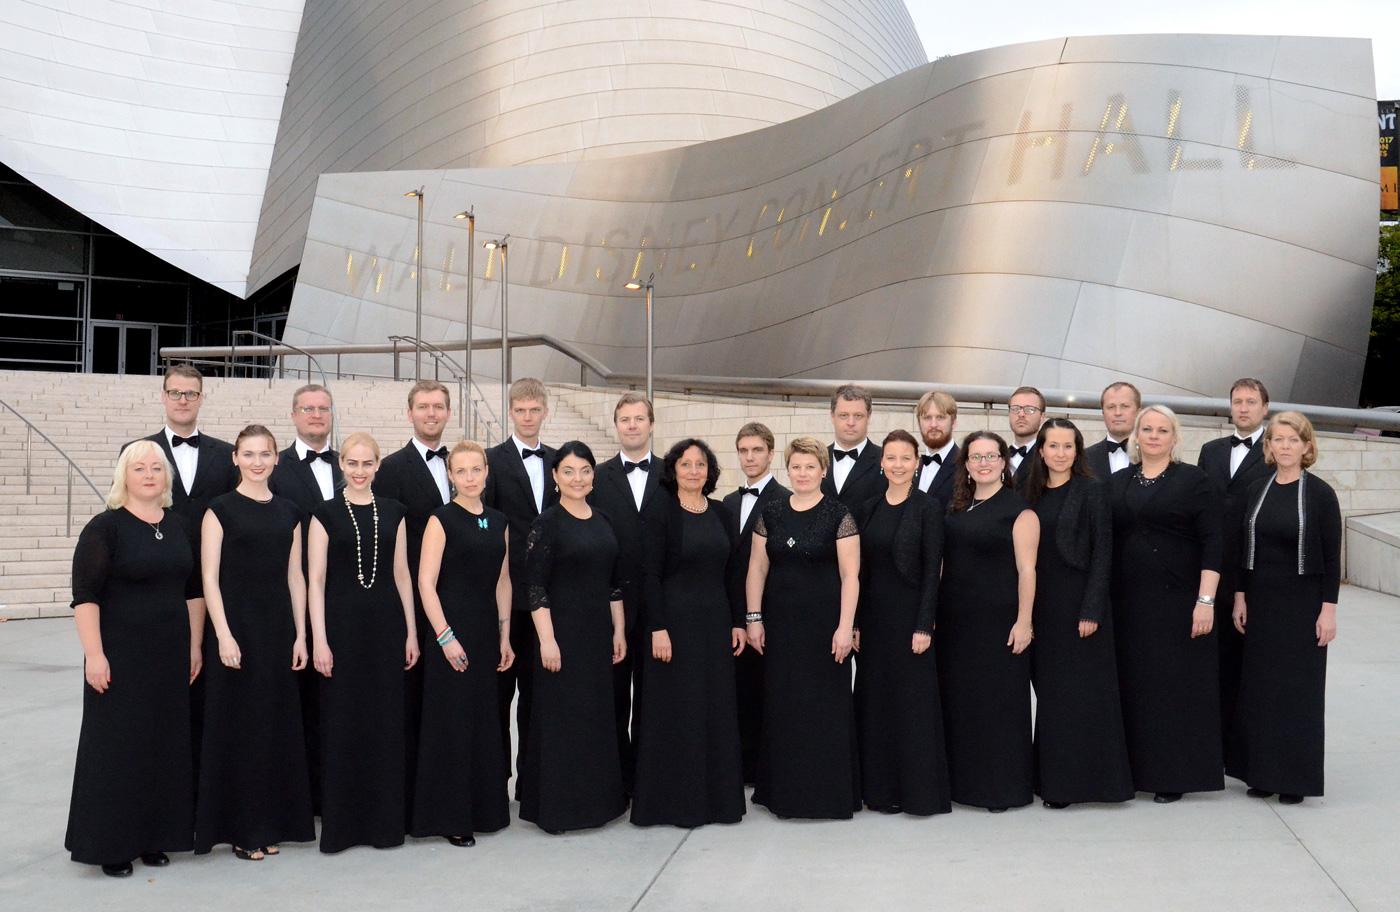 Камерный хор Эстонской филармонии и Таллиннский камерный оркестр ждут в США аншлаги